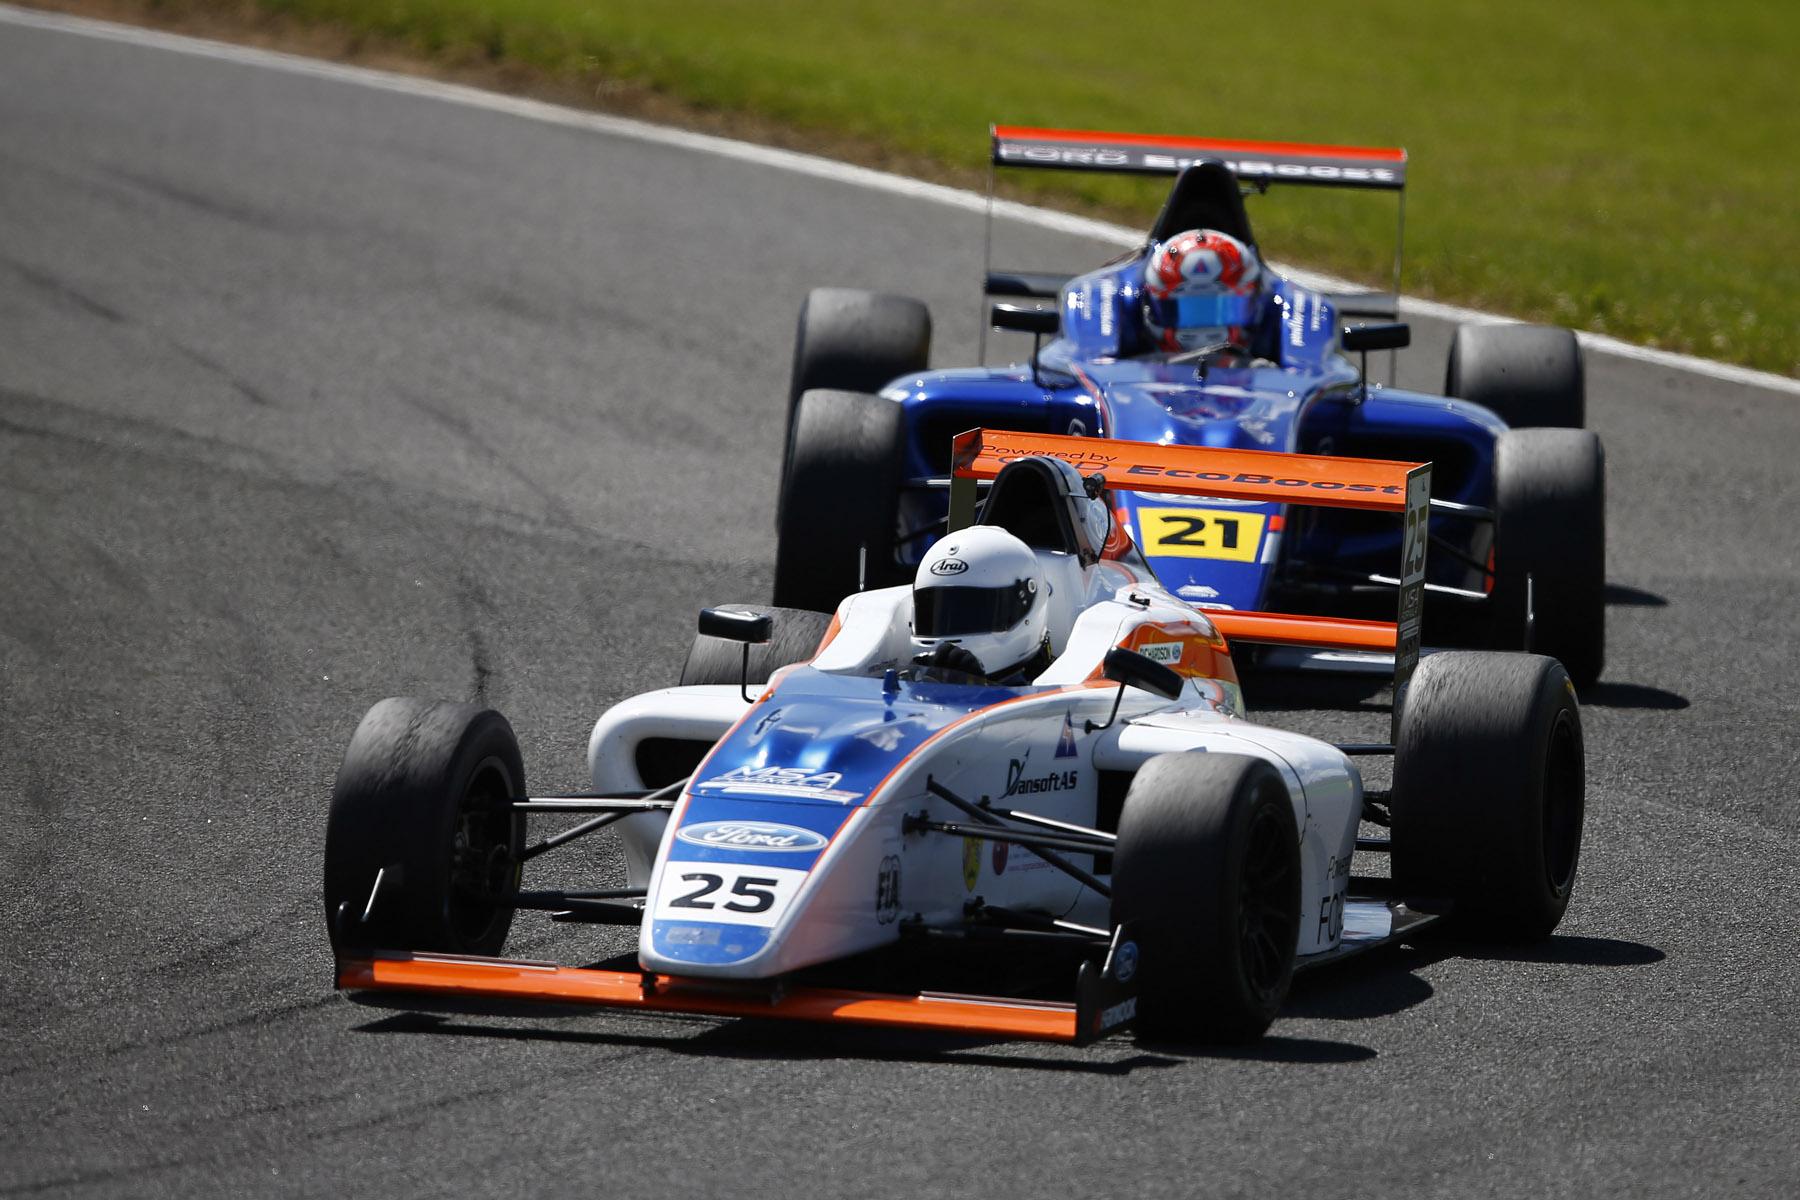 MSA Formula Ford Powered Racers Revved Up For Snetterton Motor